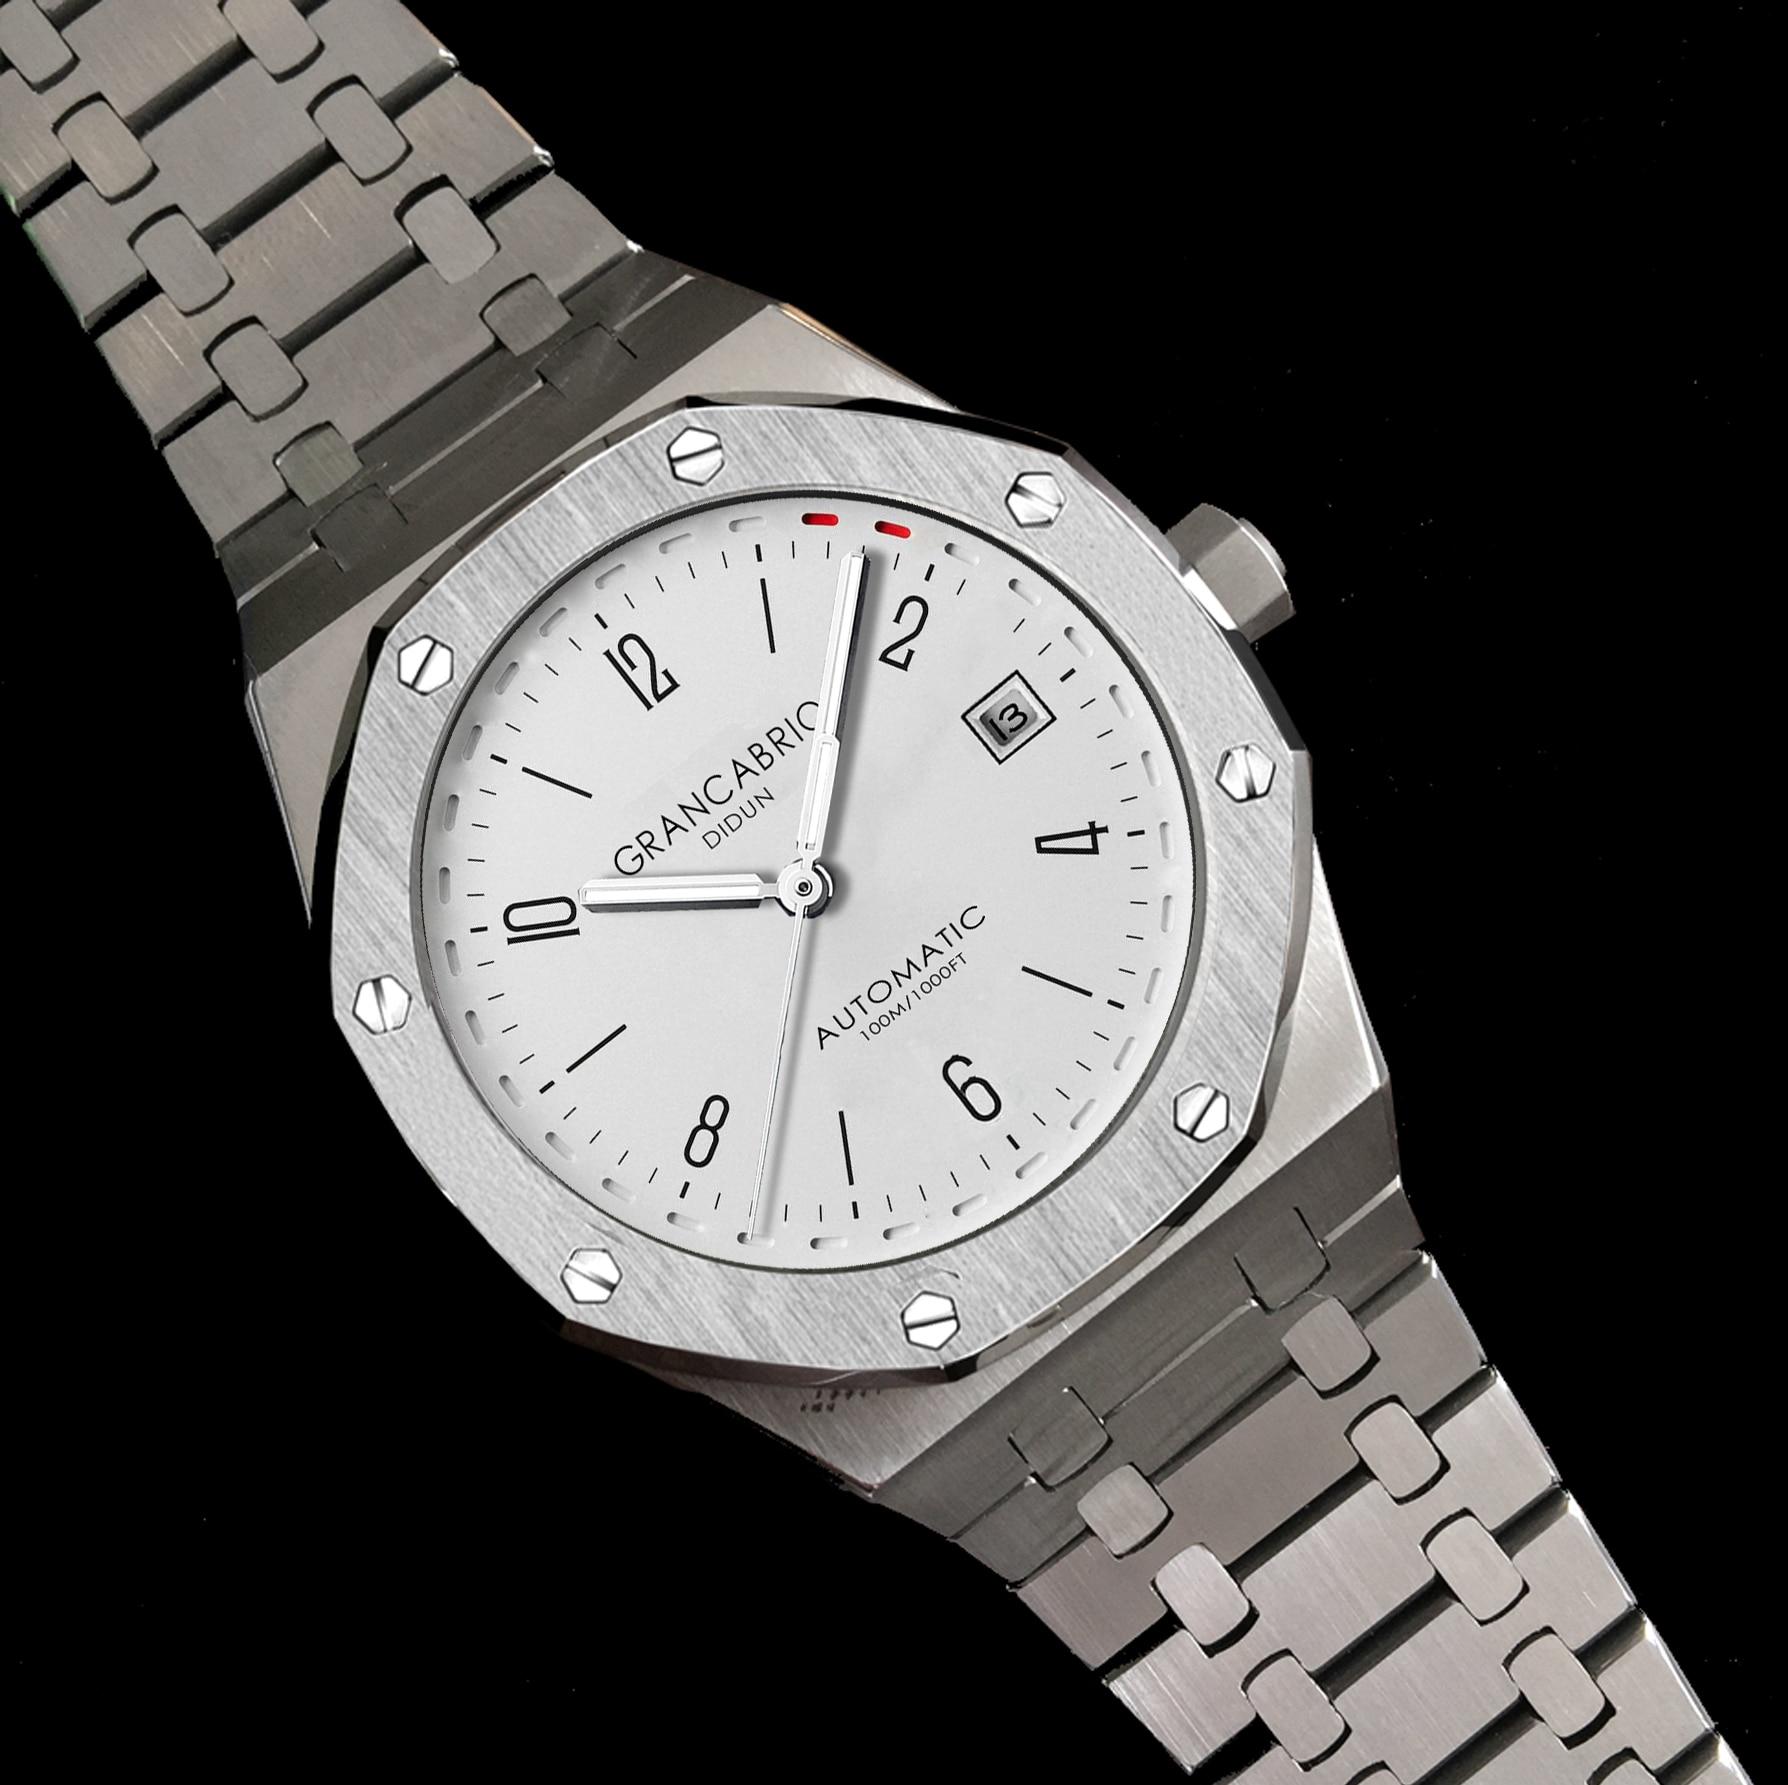 DIDUN hommes Top marque de luxe montres automatiques militaire affaires homme montre bracelet étanche en acier inoxydable bracelet-in Montres sport from Montres    2